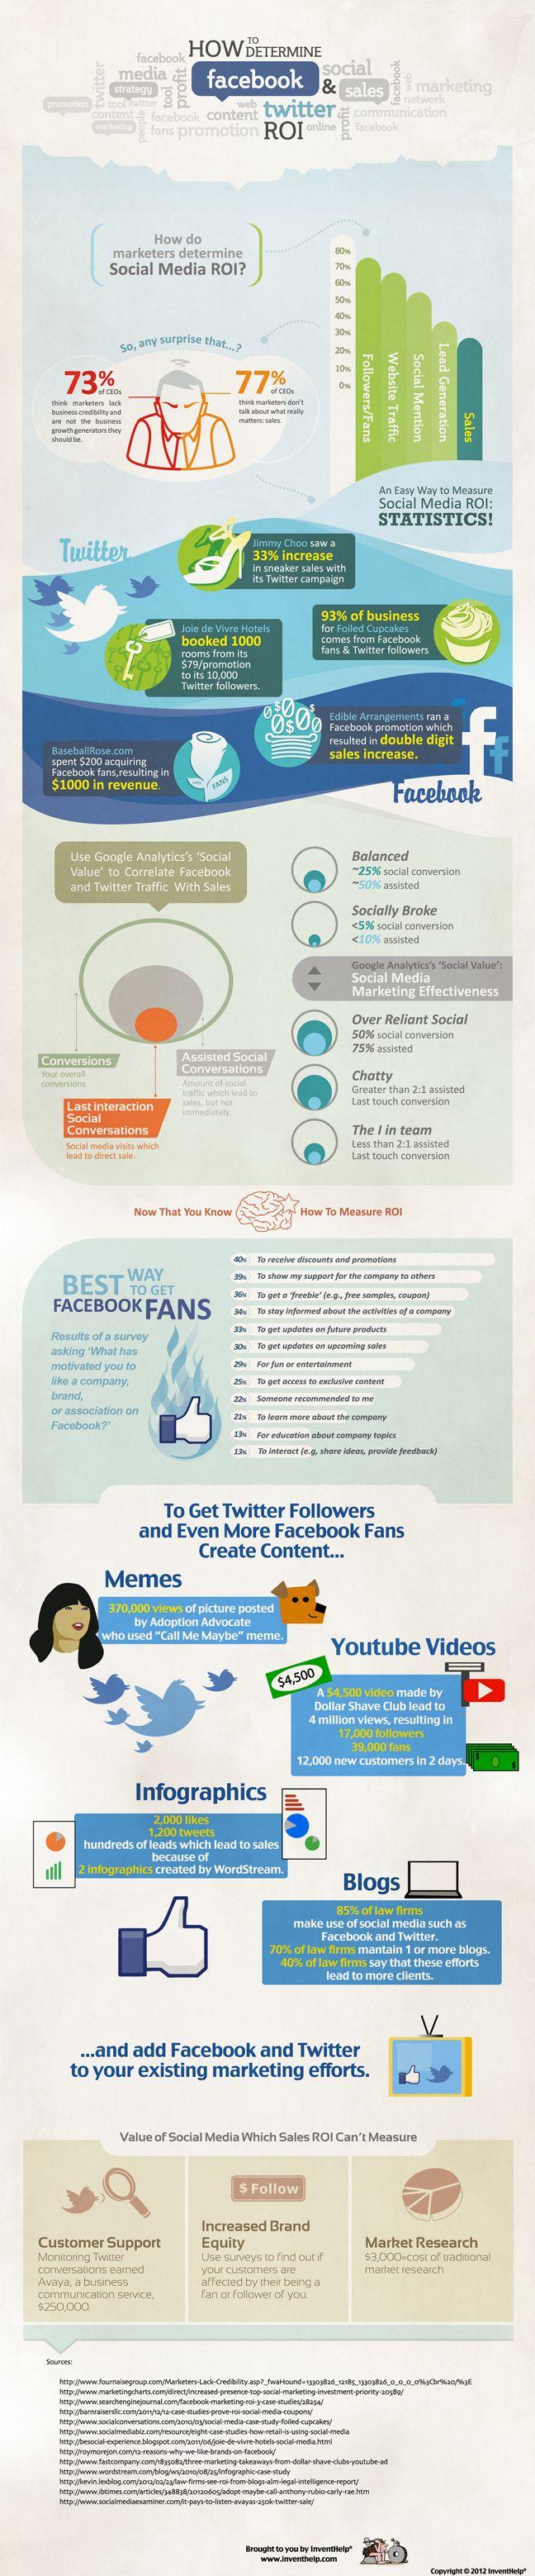 Social Media & ROI